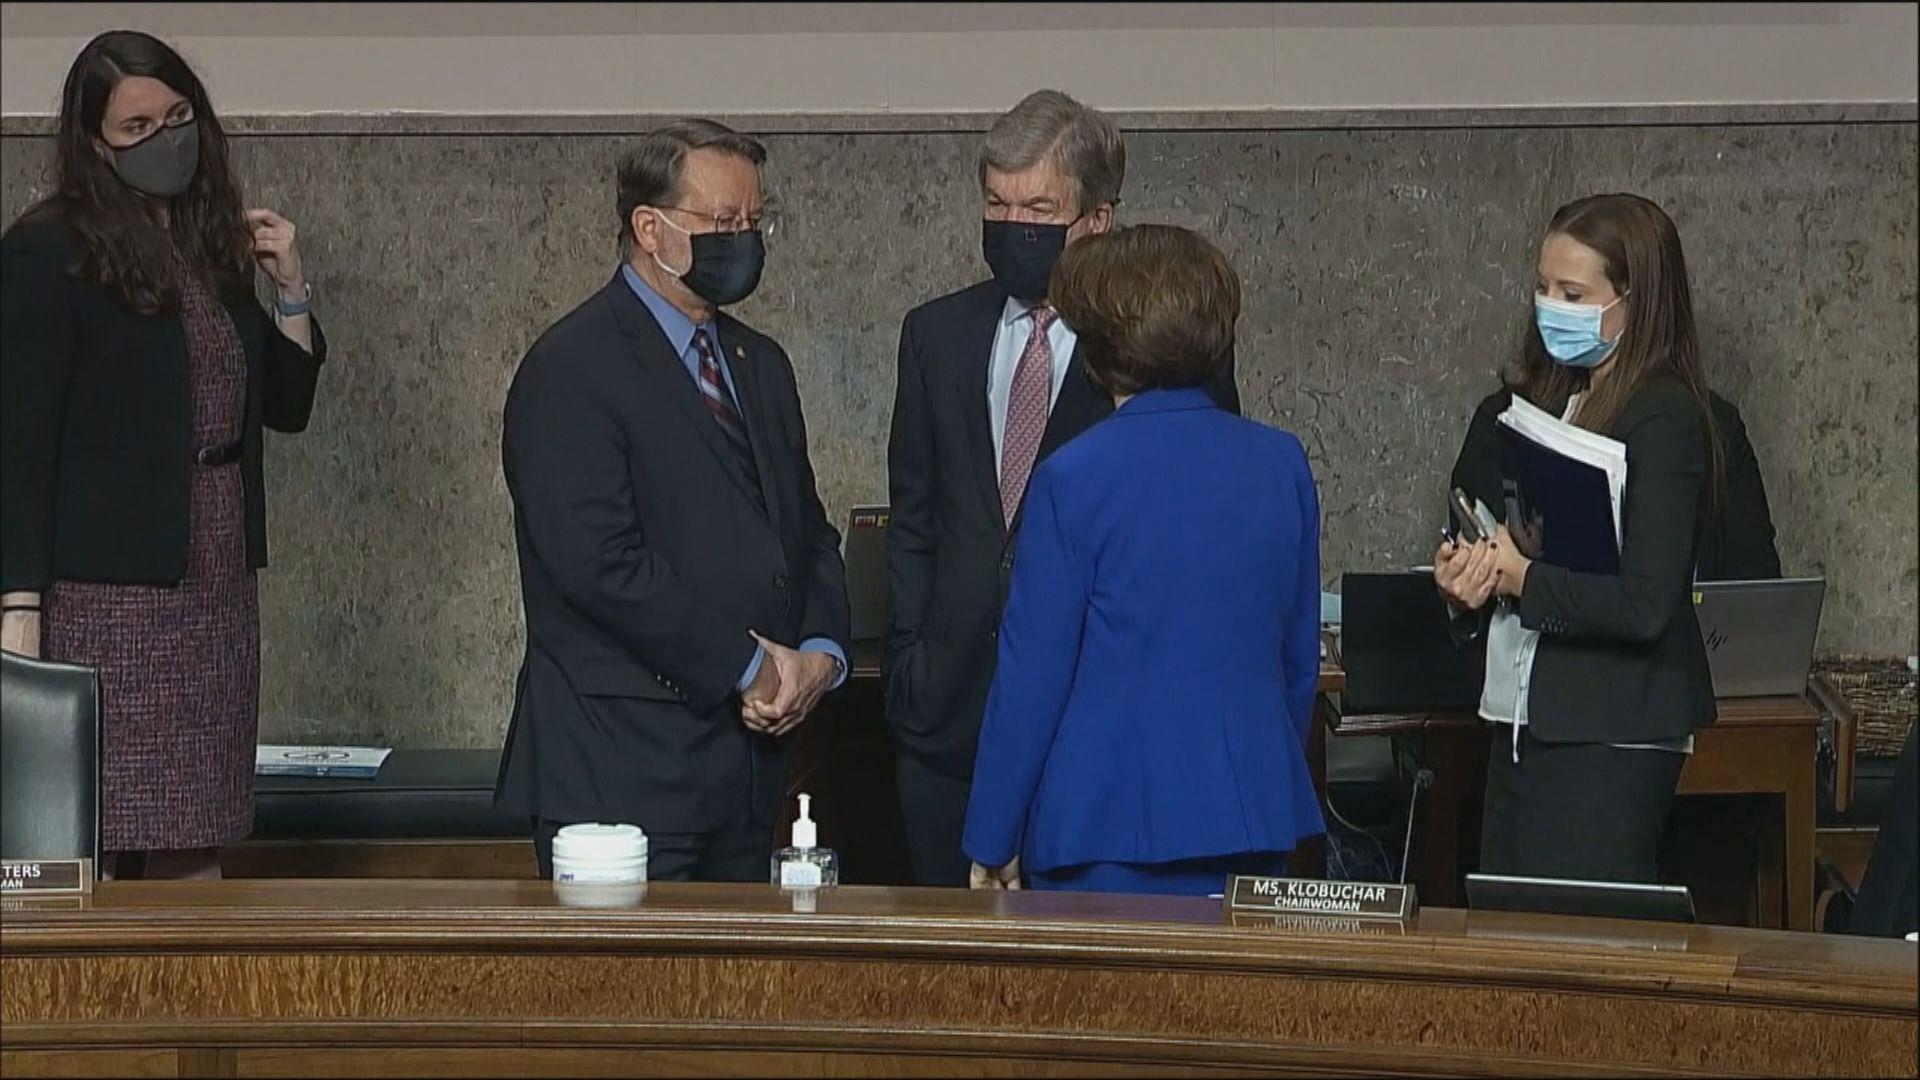 美國參院舉行聽證會討論衝擊國會事件